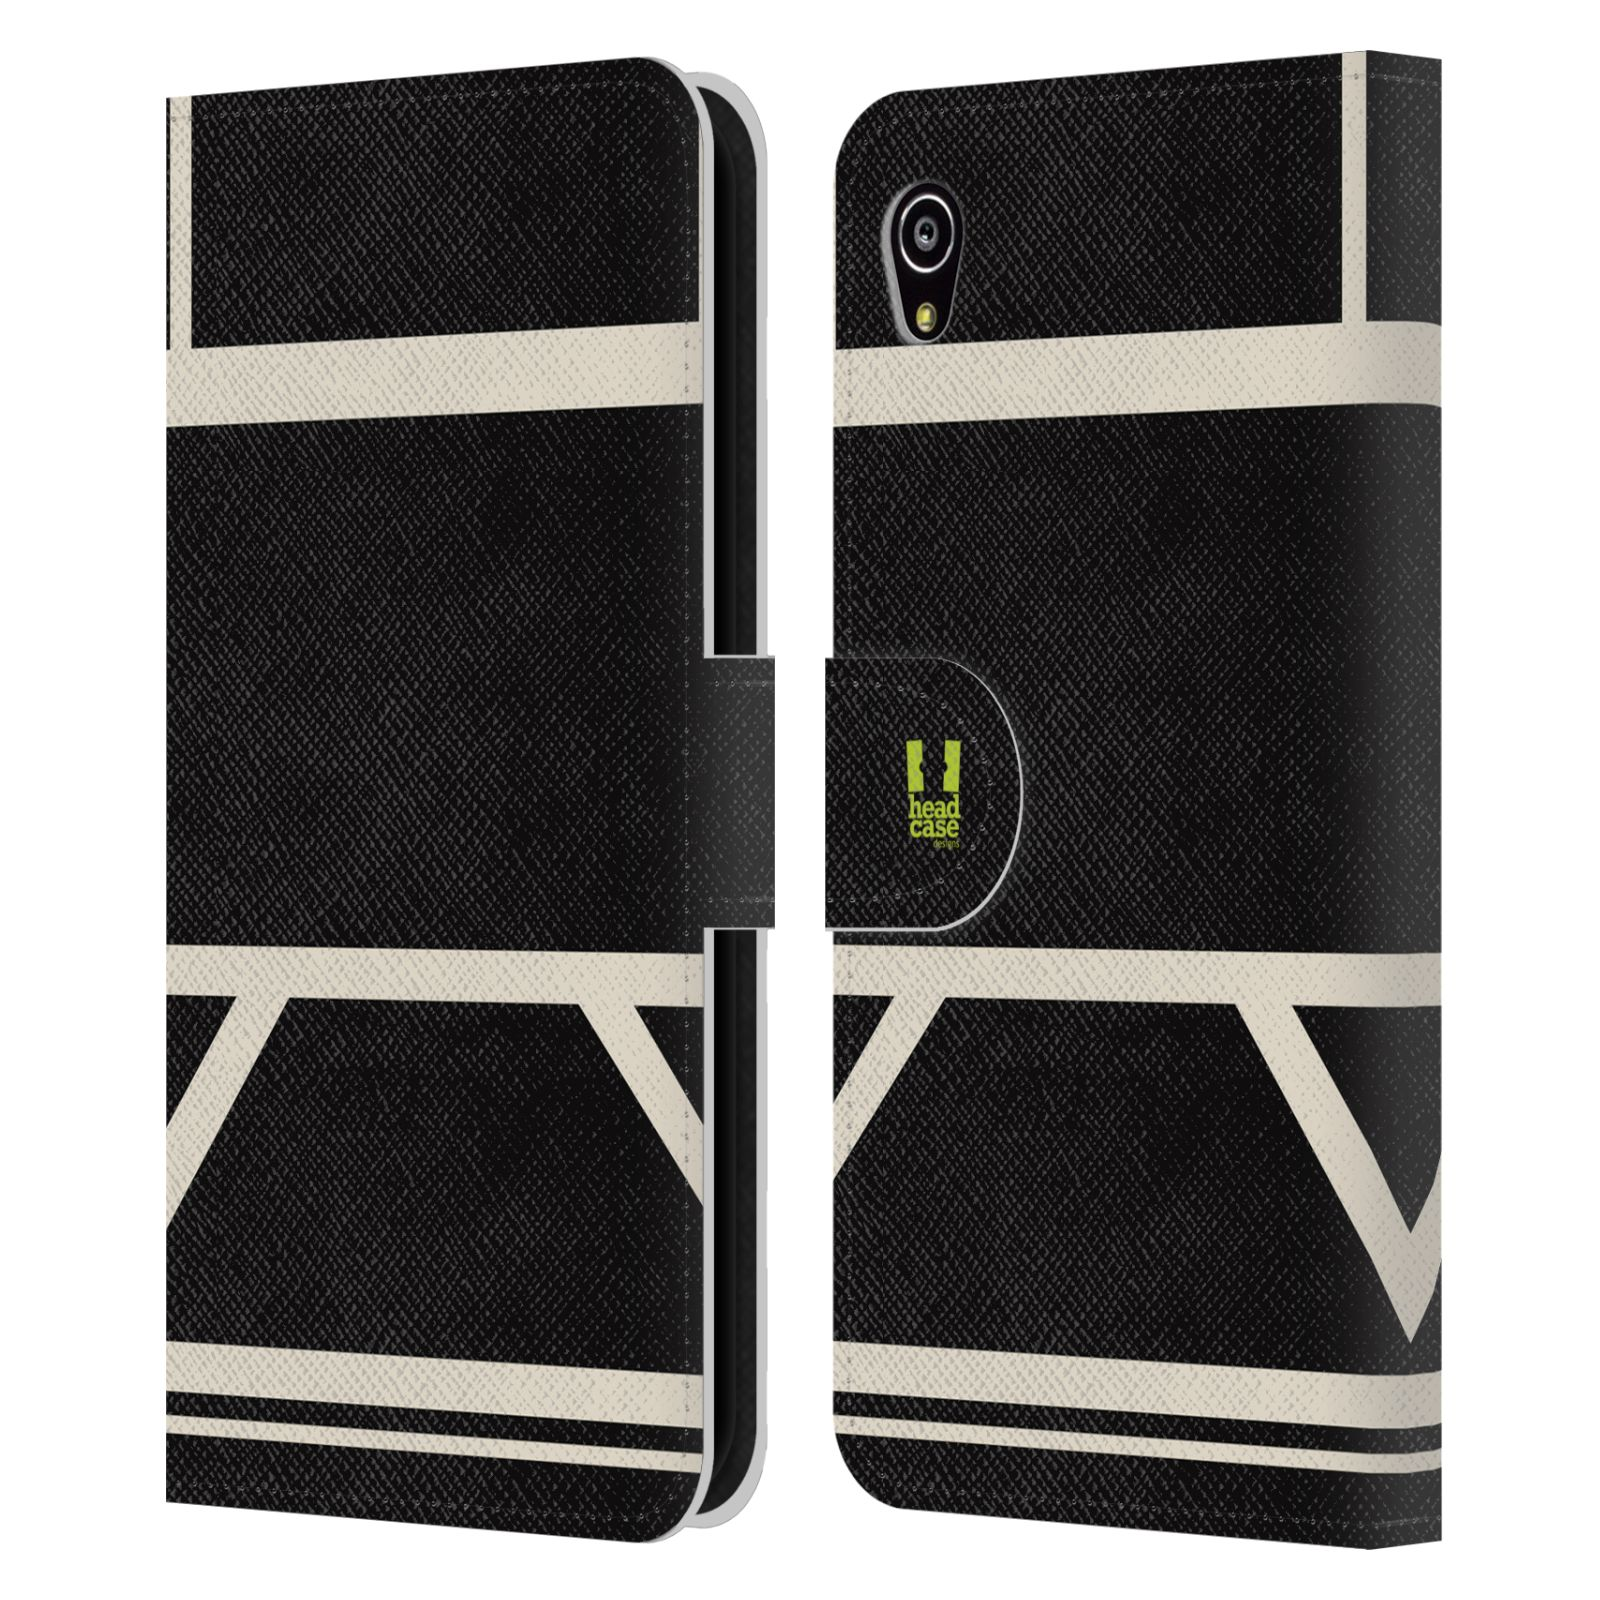 HEAD CASE Flipové pouzdro pro mobil SONY Xperia M4 Aqua barevné tvary černá a bílá proužek